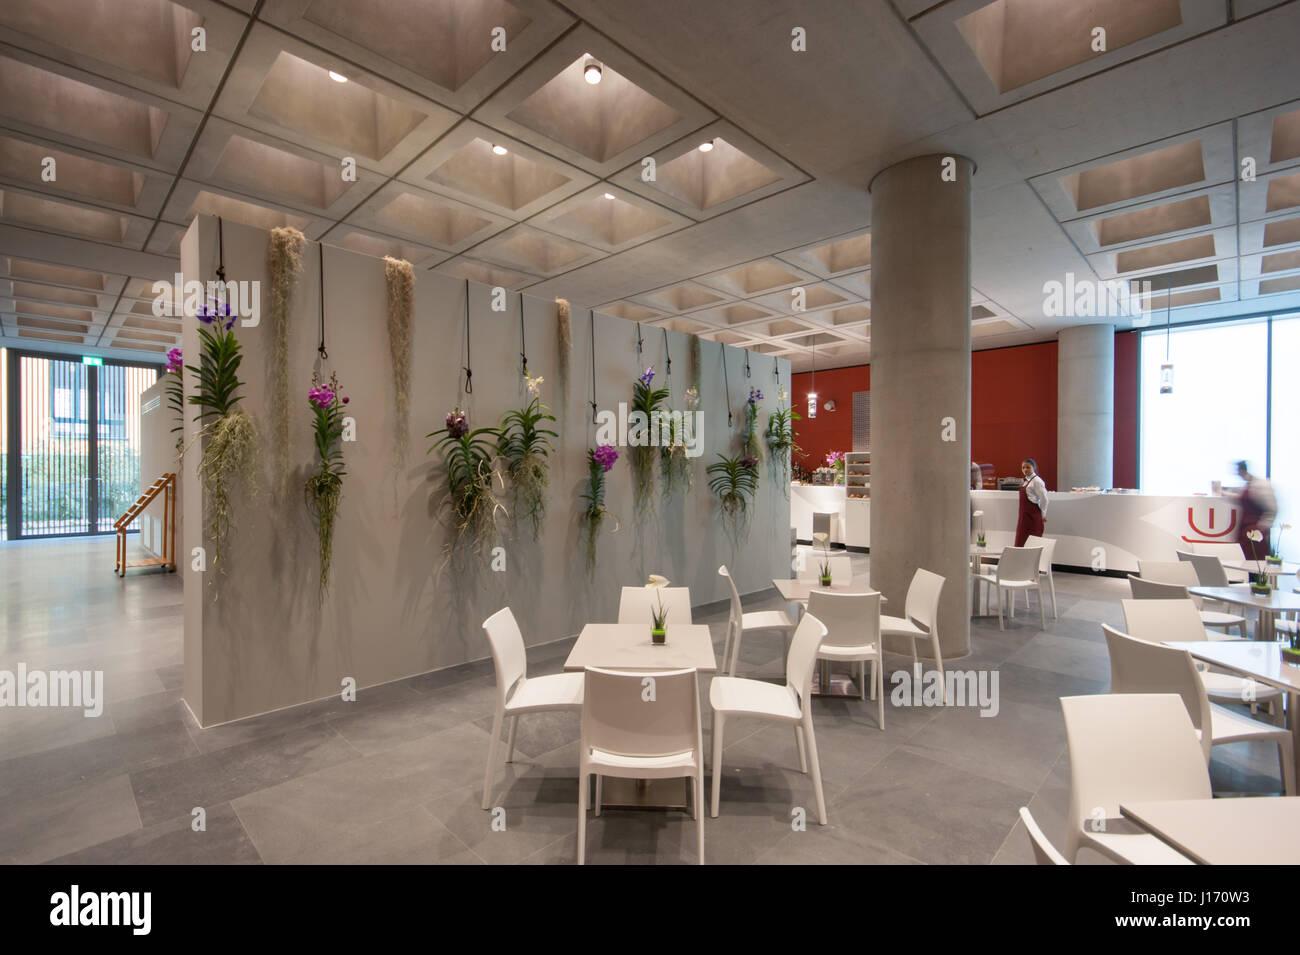 MUDEC - Museo de las culturas de Milán, diseñado por David Chipperfield Architects - cafe - vista interior Imagen De Stock